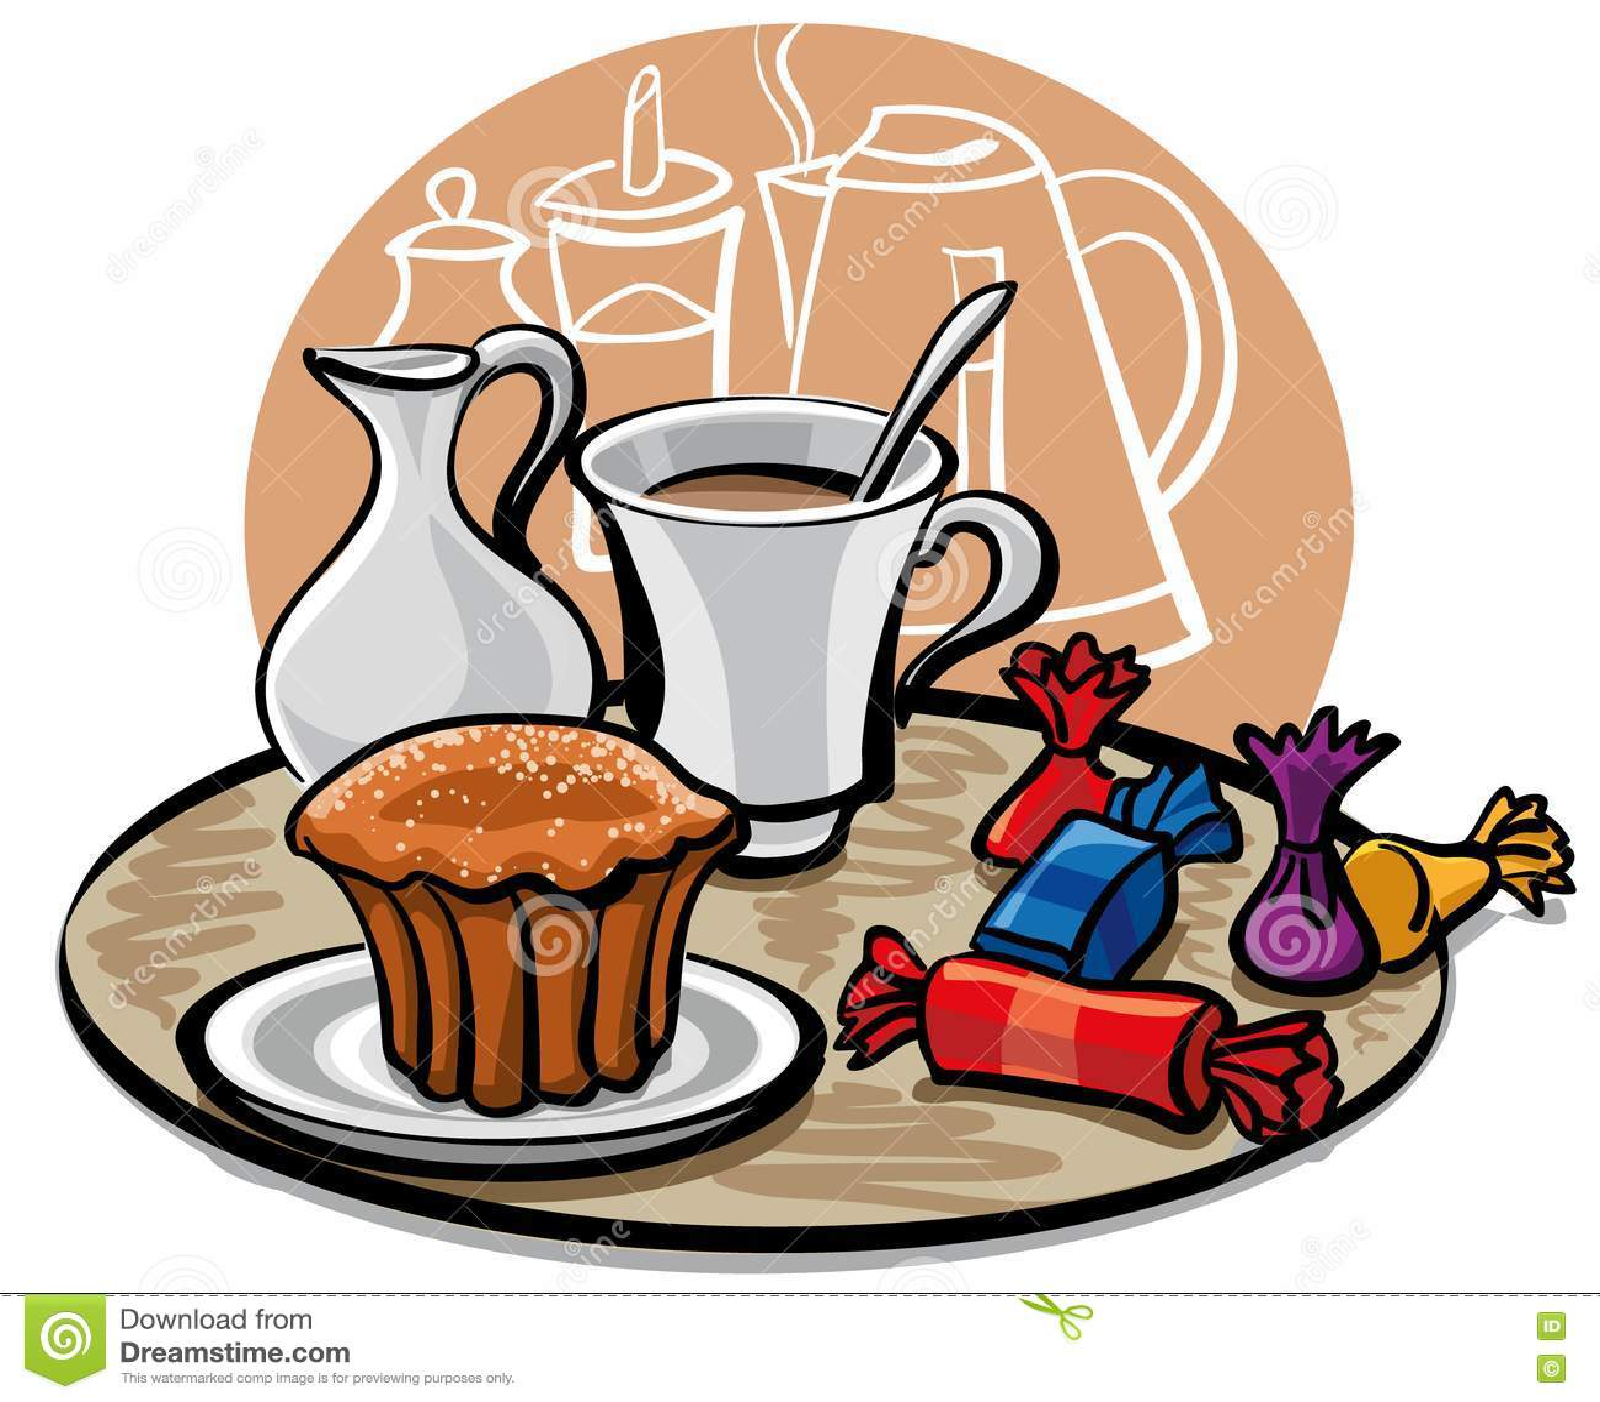 kleiner kuchen s igkeit und kaffee mit milch lizenzfreie stockfotos bild 18882078. Black Bedroom Furniture Sets. Home Design Ideas